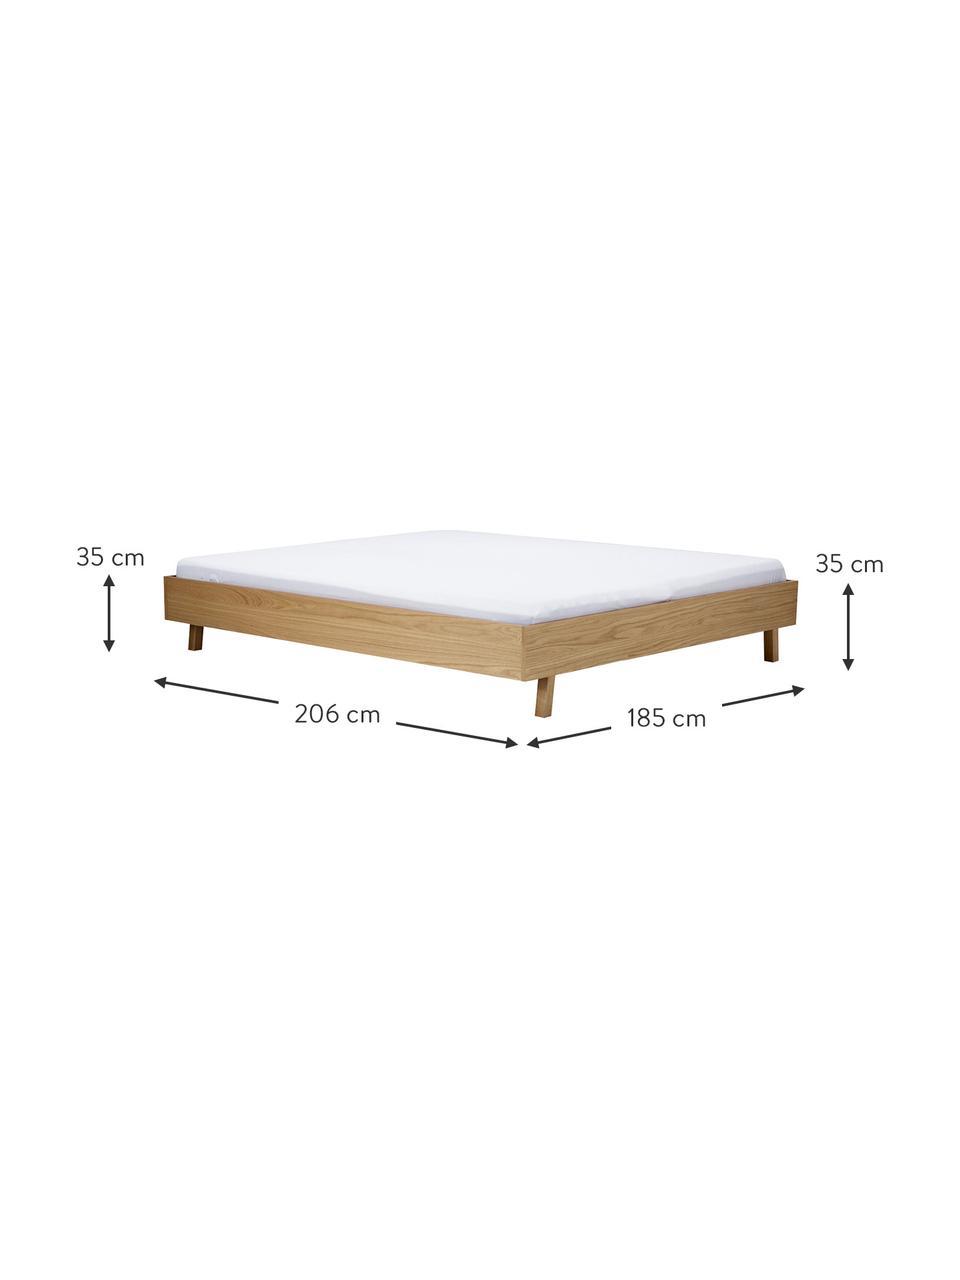 Łóżko z drewna bez zagłówka Tammy, Stelaż: sklejka z fornirem z drew, Nogi: lite drewno dębowe, Drewno dębowe, S 160 x D 200 cm